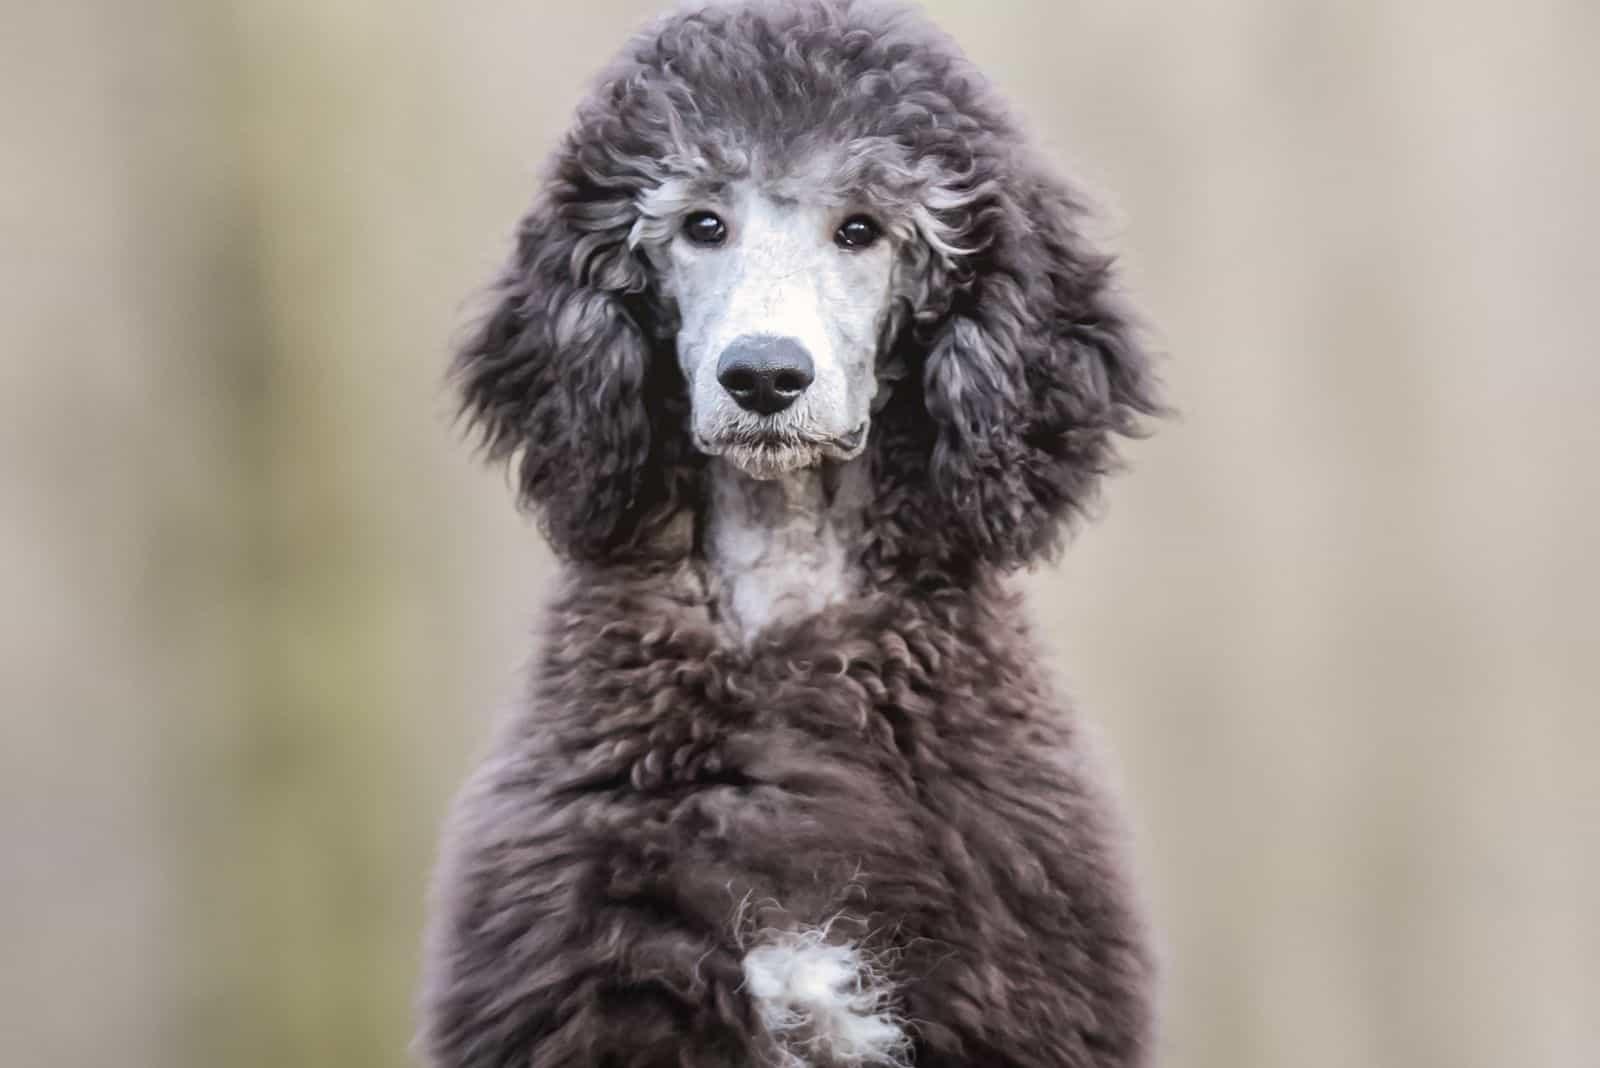 white and gray phantom poodle dog sitting